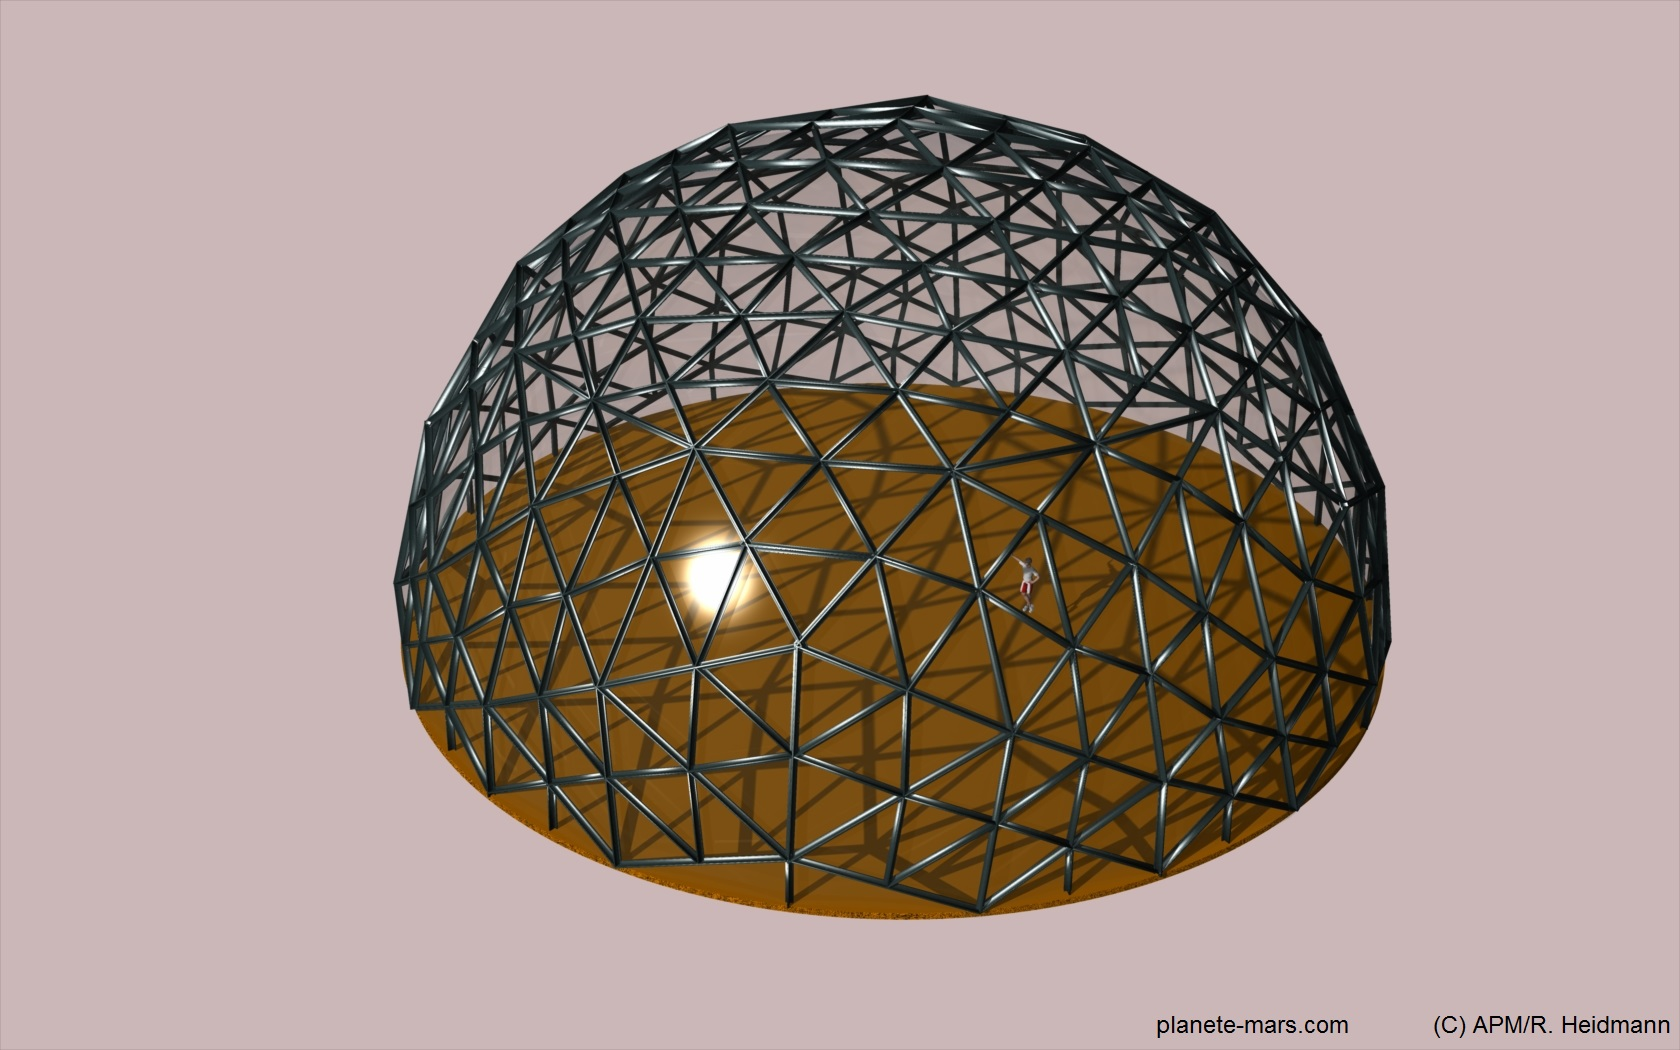 Structure géodésique de 30 m de diamètre, en verre plat et structure acier, reprise sur fondation en duricrete armé.